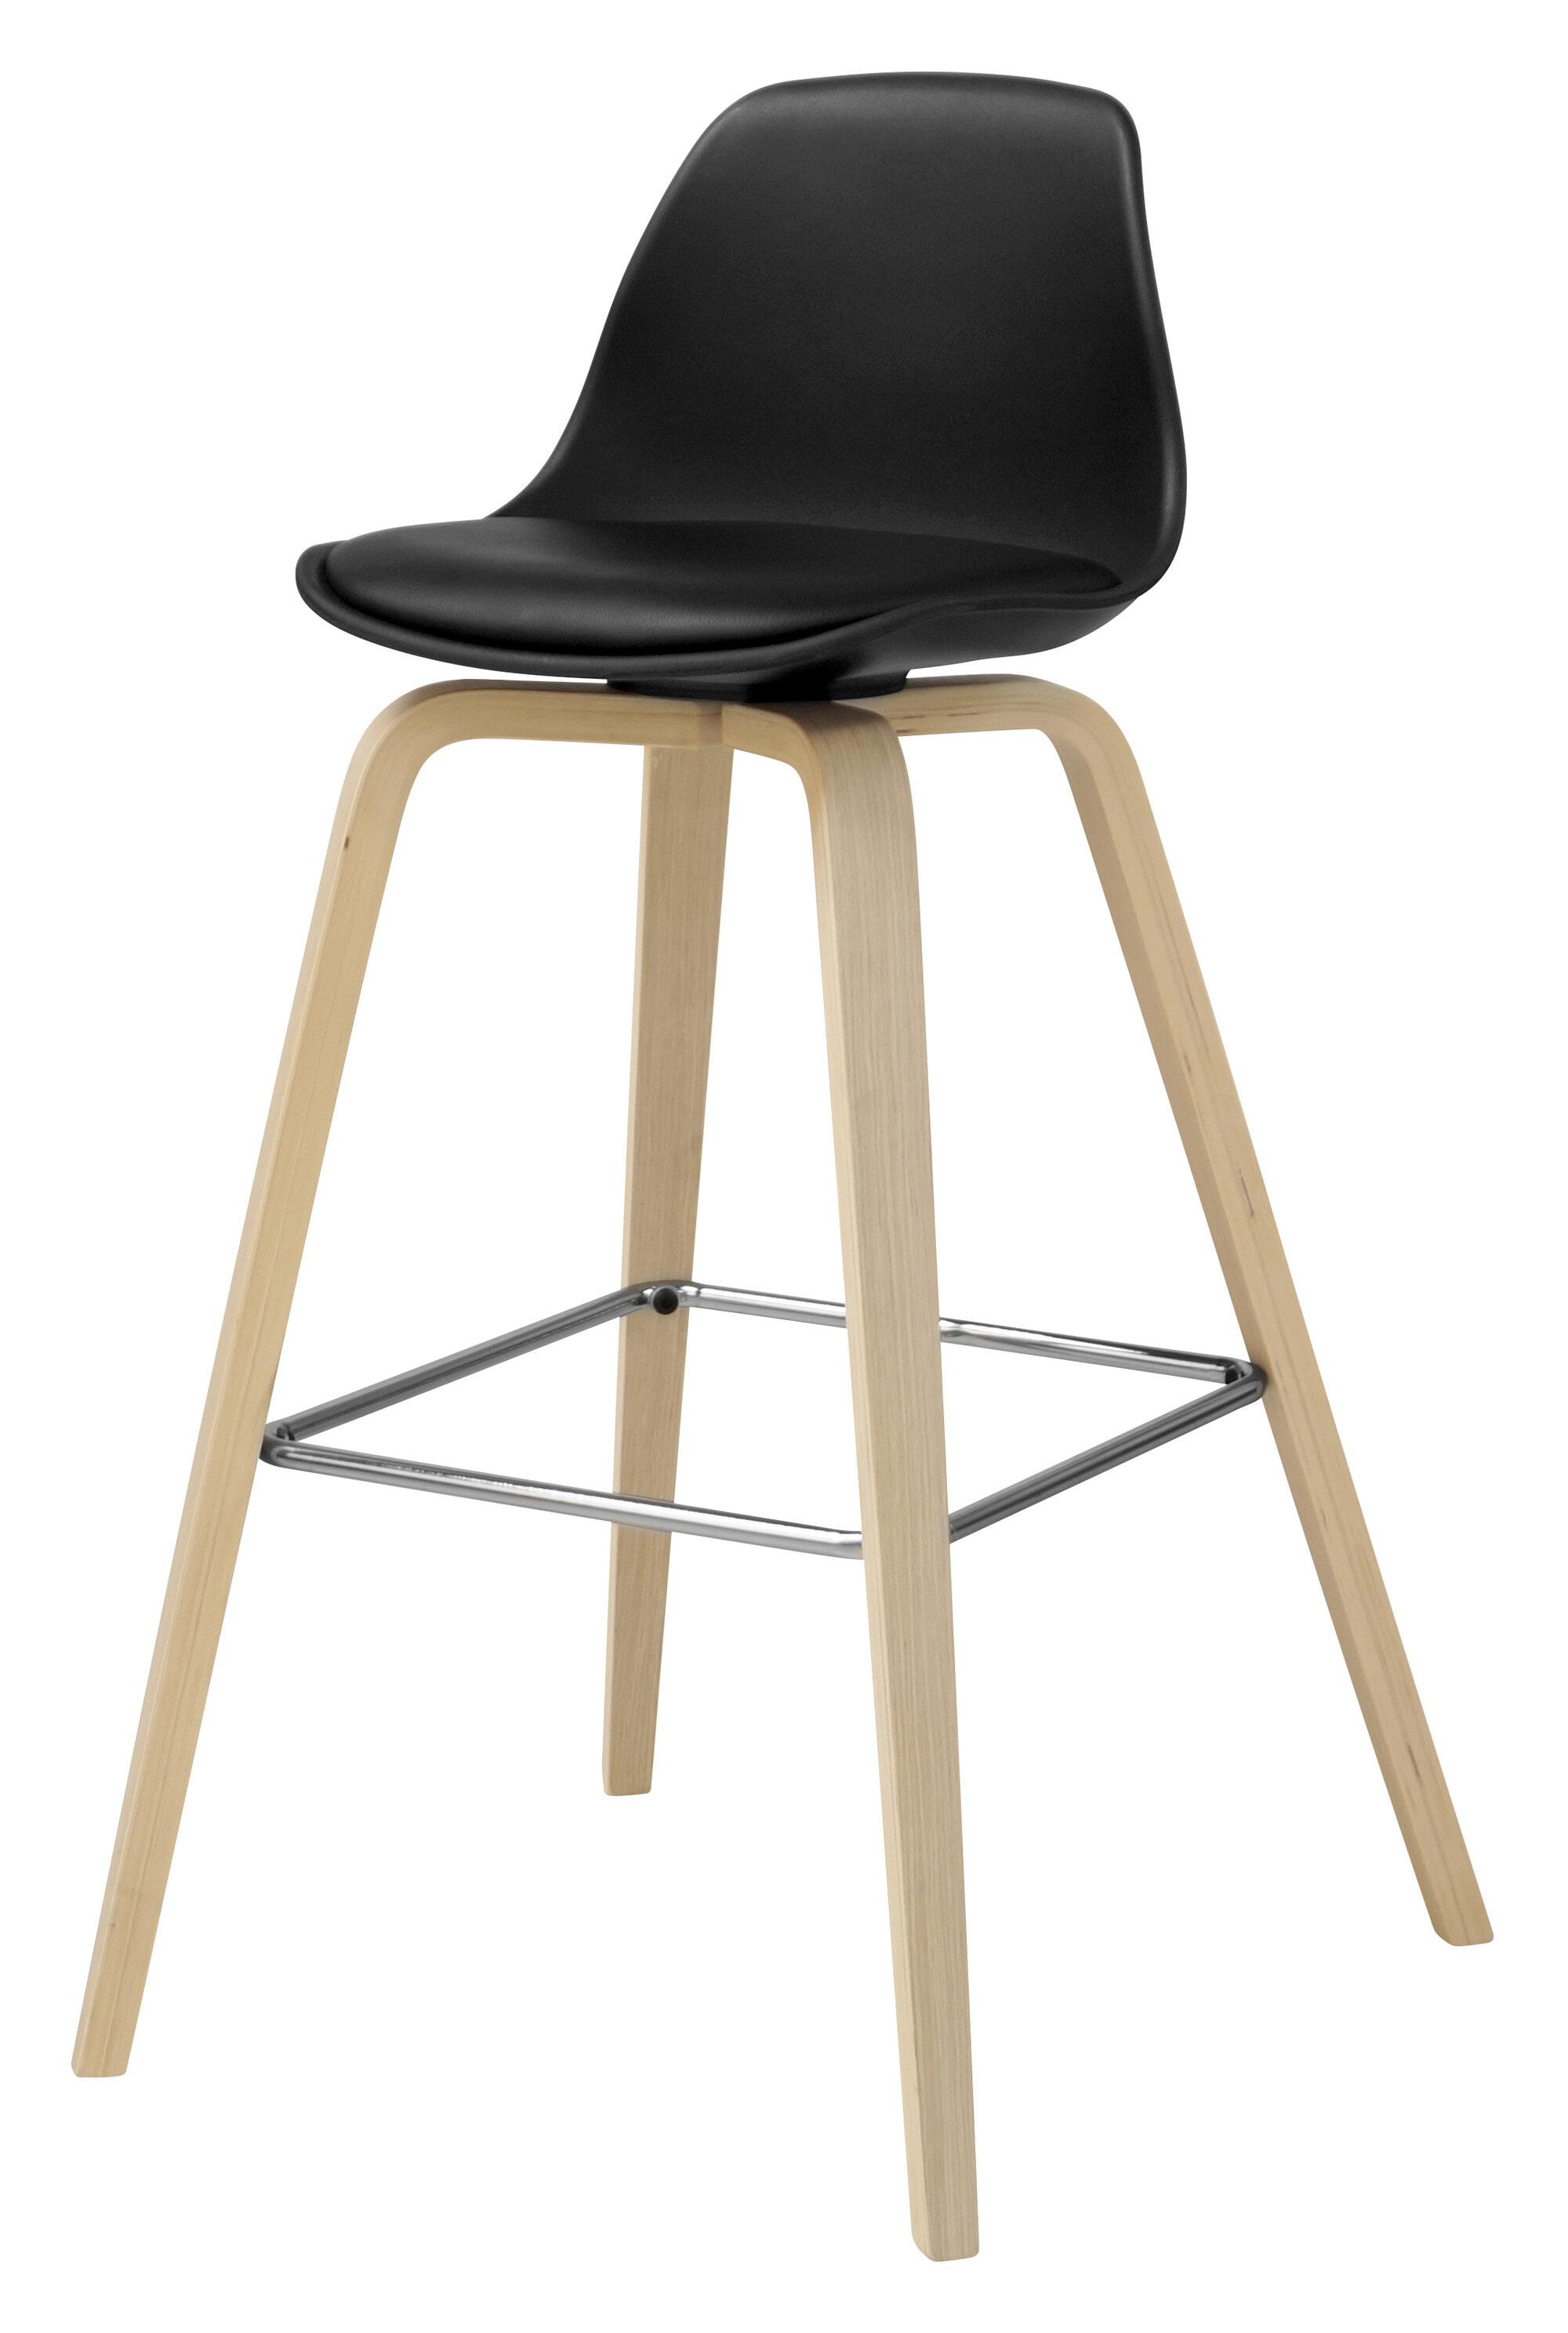 Interstil Barkruk 'Zaki' (zithoogte 70cm), kleur zwart / hout Zitmeubelen | Barkrukken & Barstoelen vergelijken doe je het voordeligst hier bij Meubelpartner